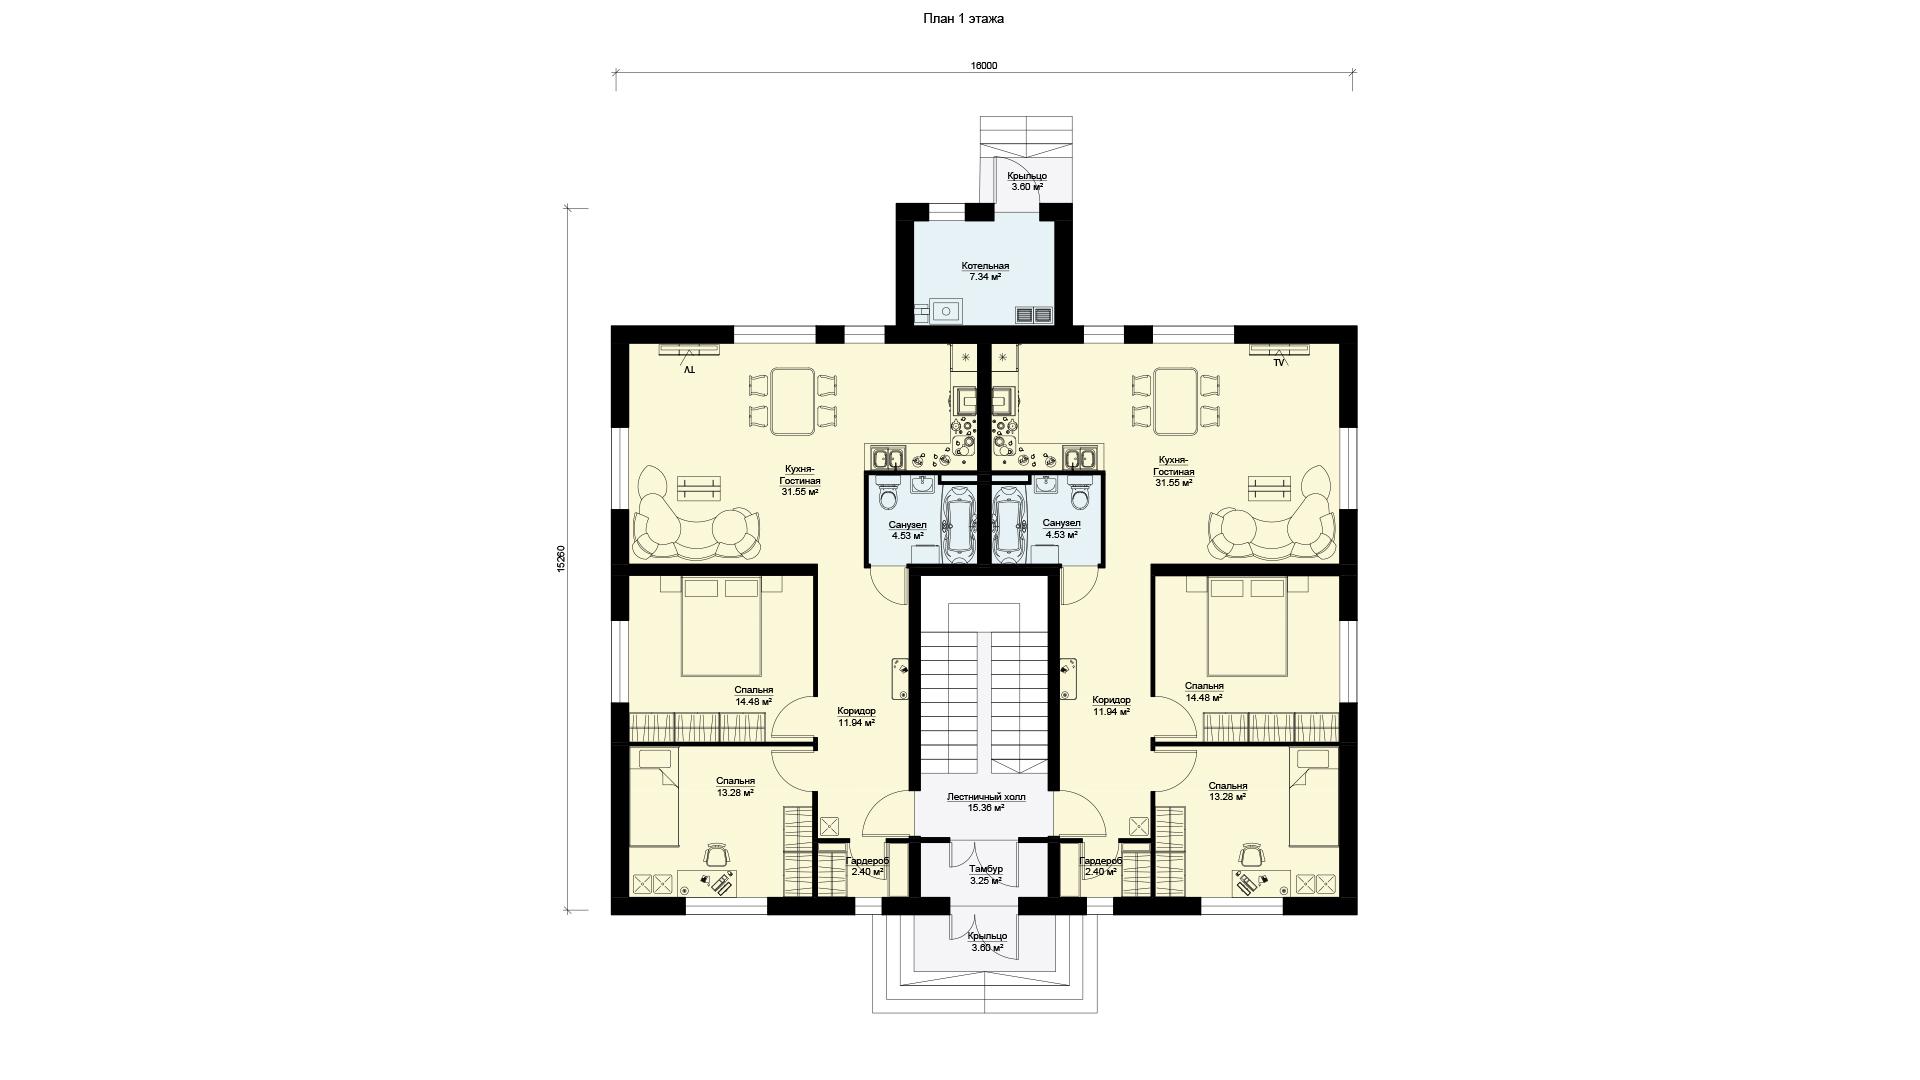 Планировка первого этажа проекта МС-346 - дома на 4 квартиры.